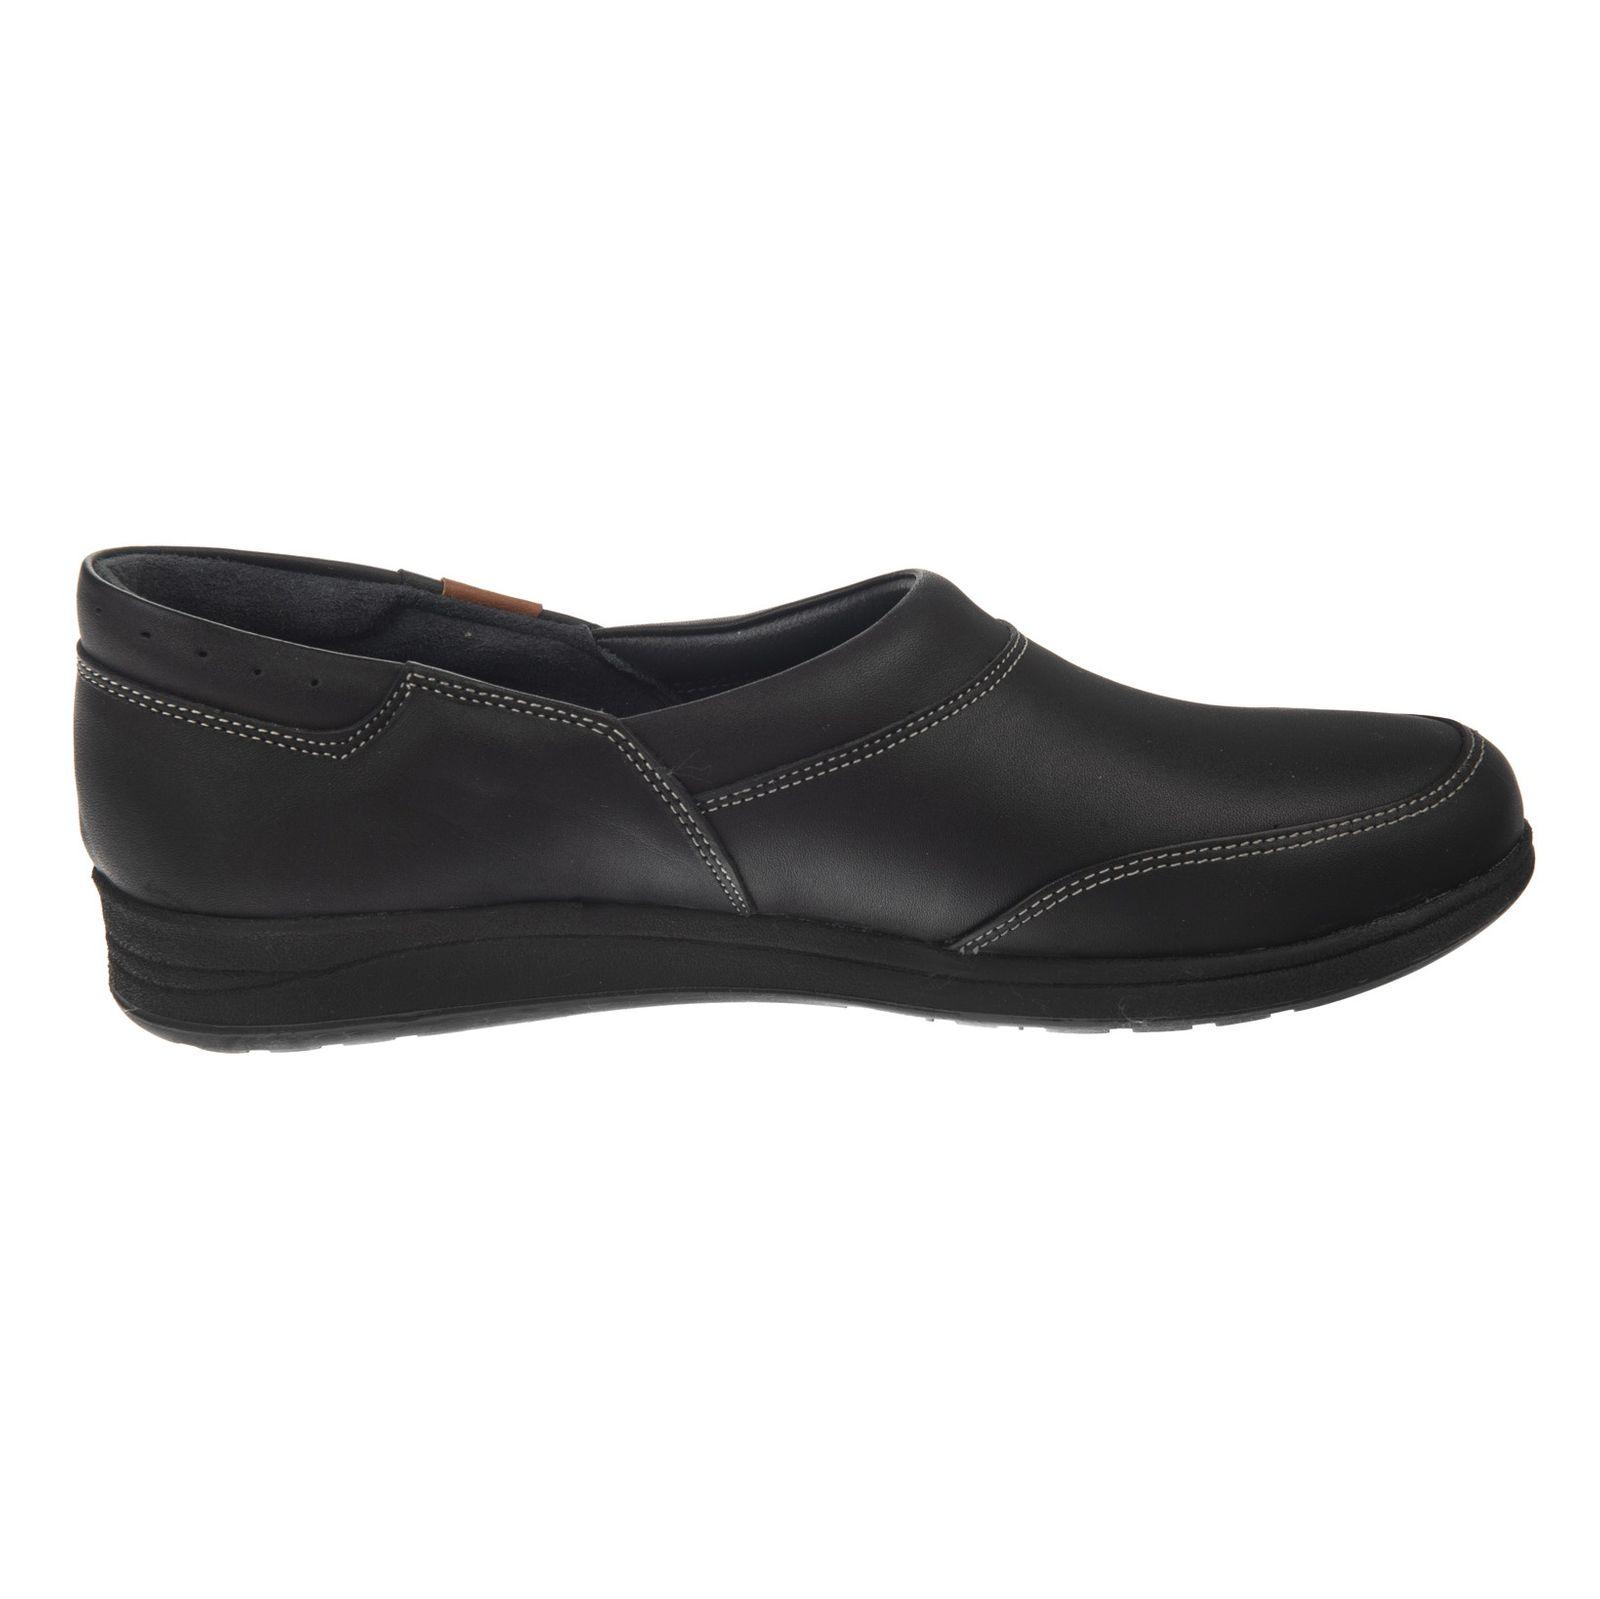 کفش روزمره زنانه شیفر مدل 5181B-101 - مشکی - 6